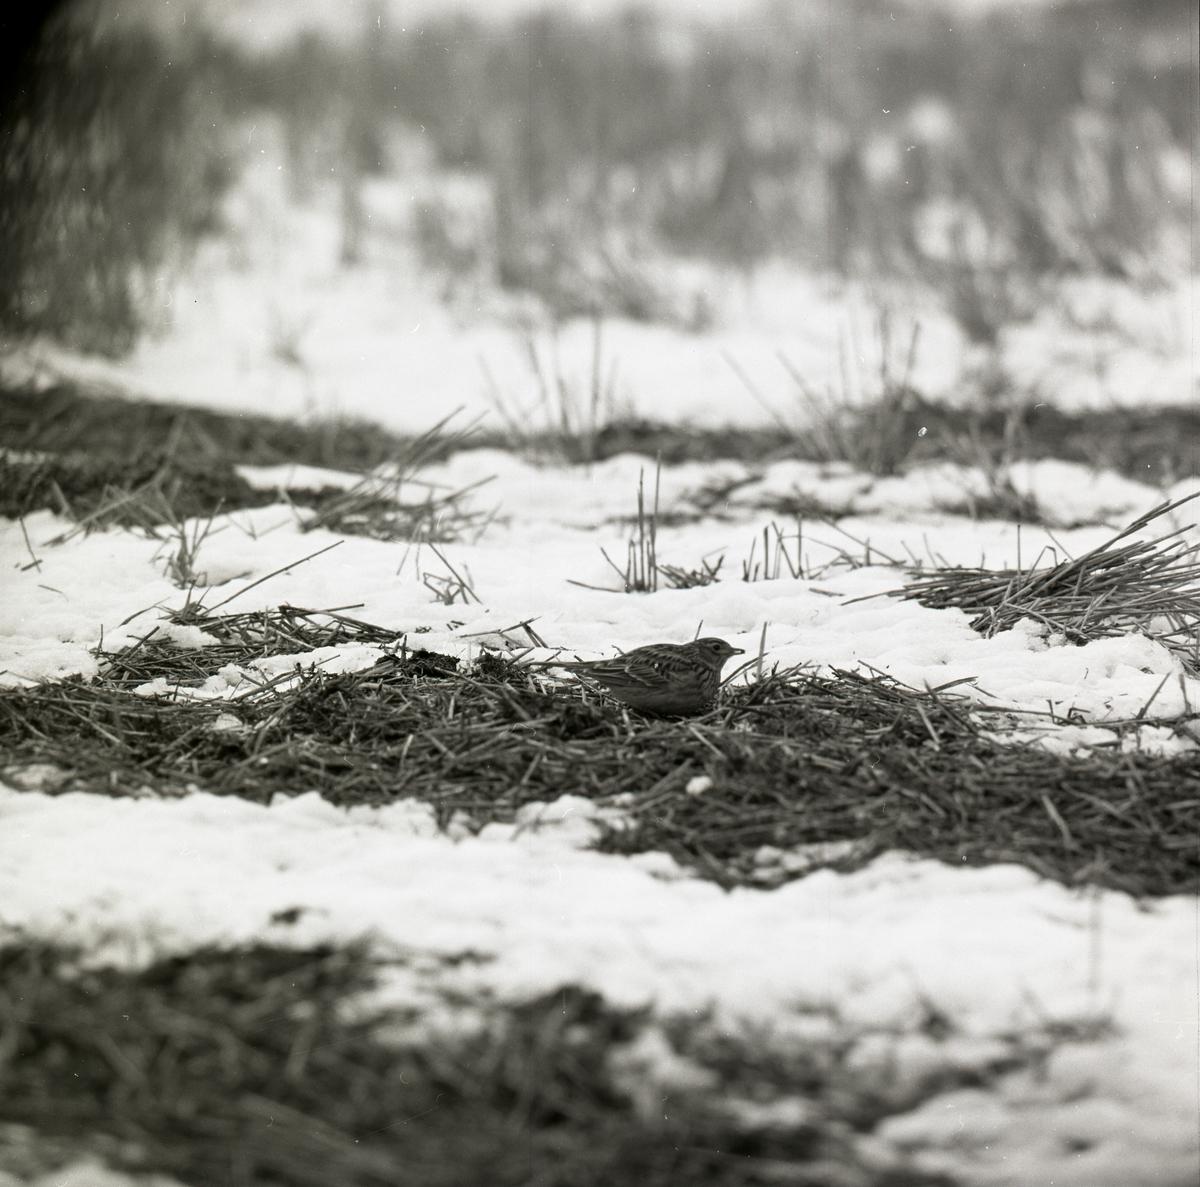 En sånglärka sitter på delvis snötäckt mark.